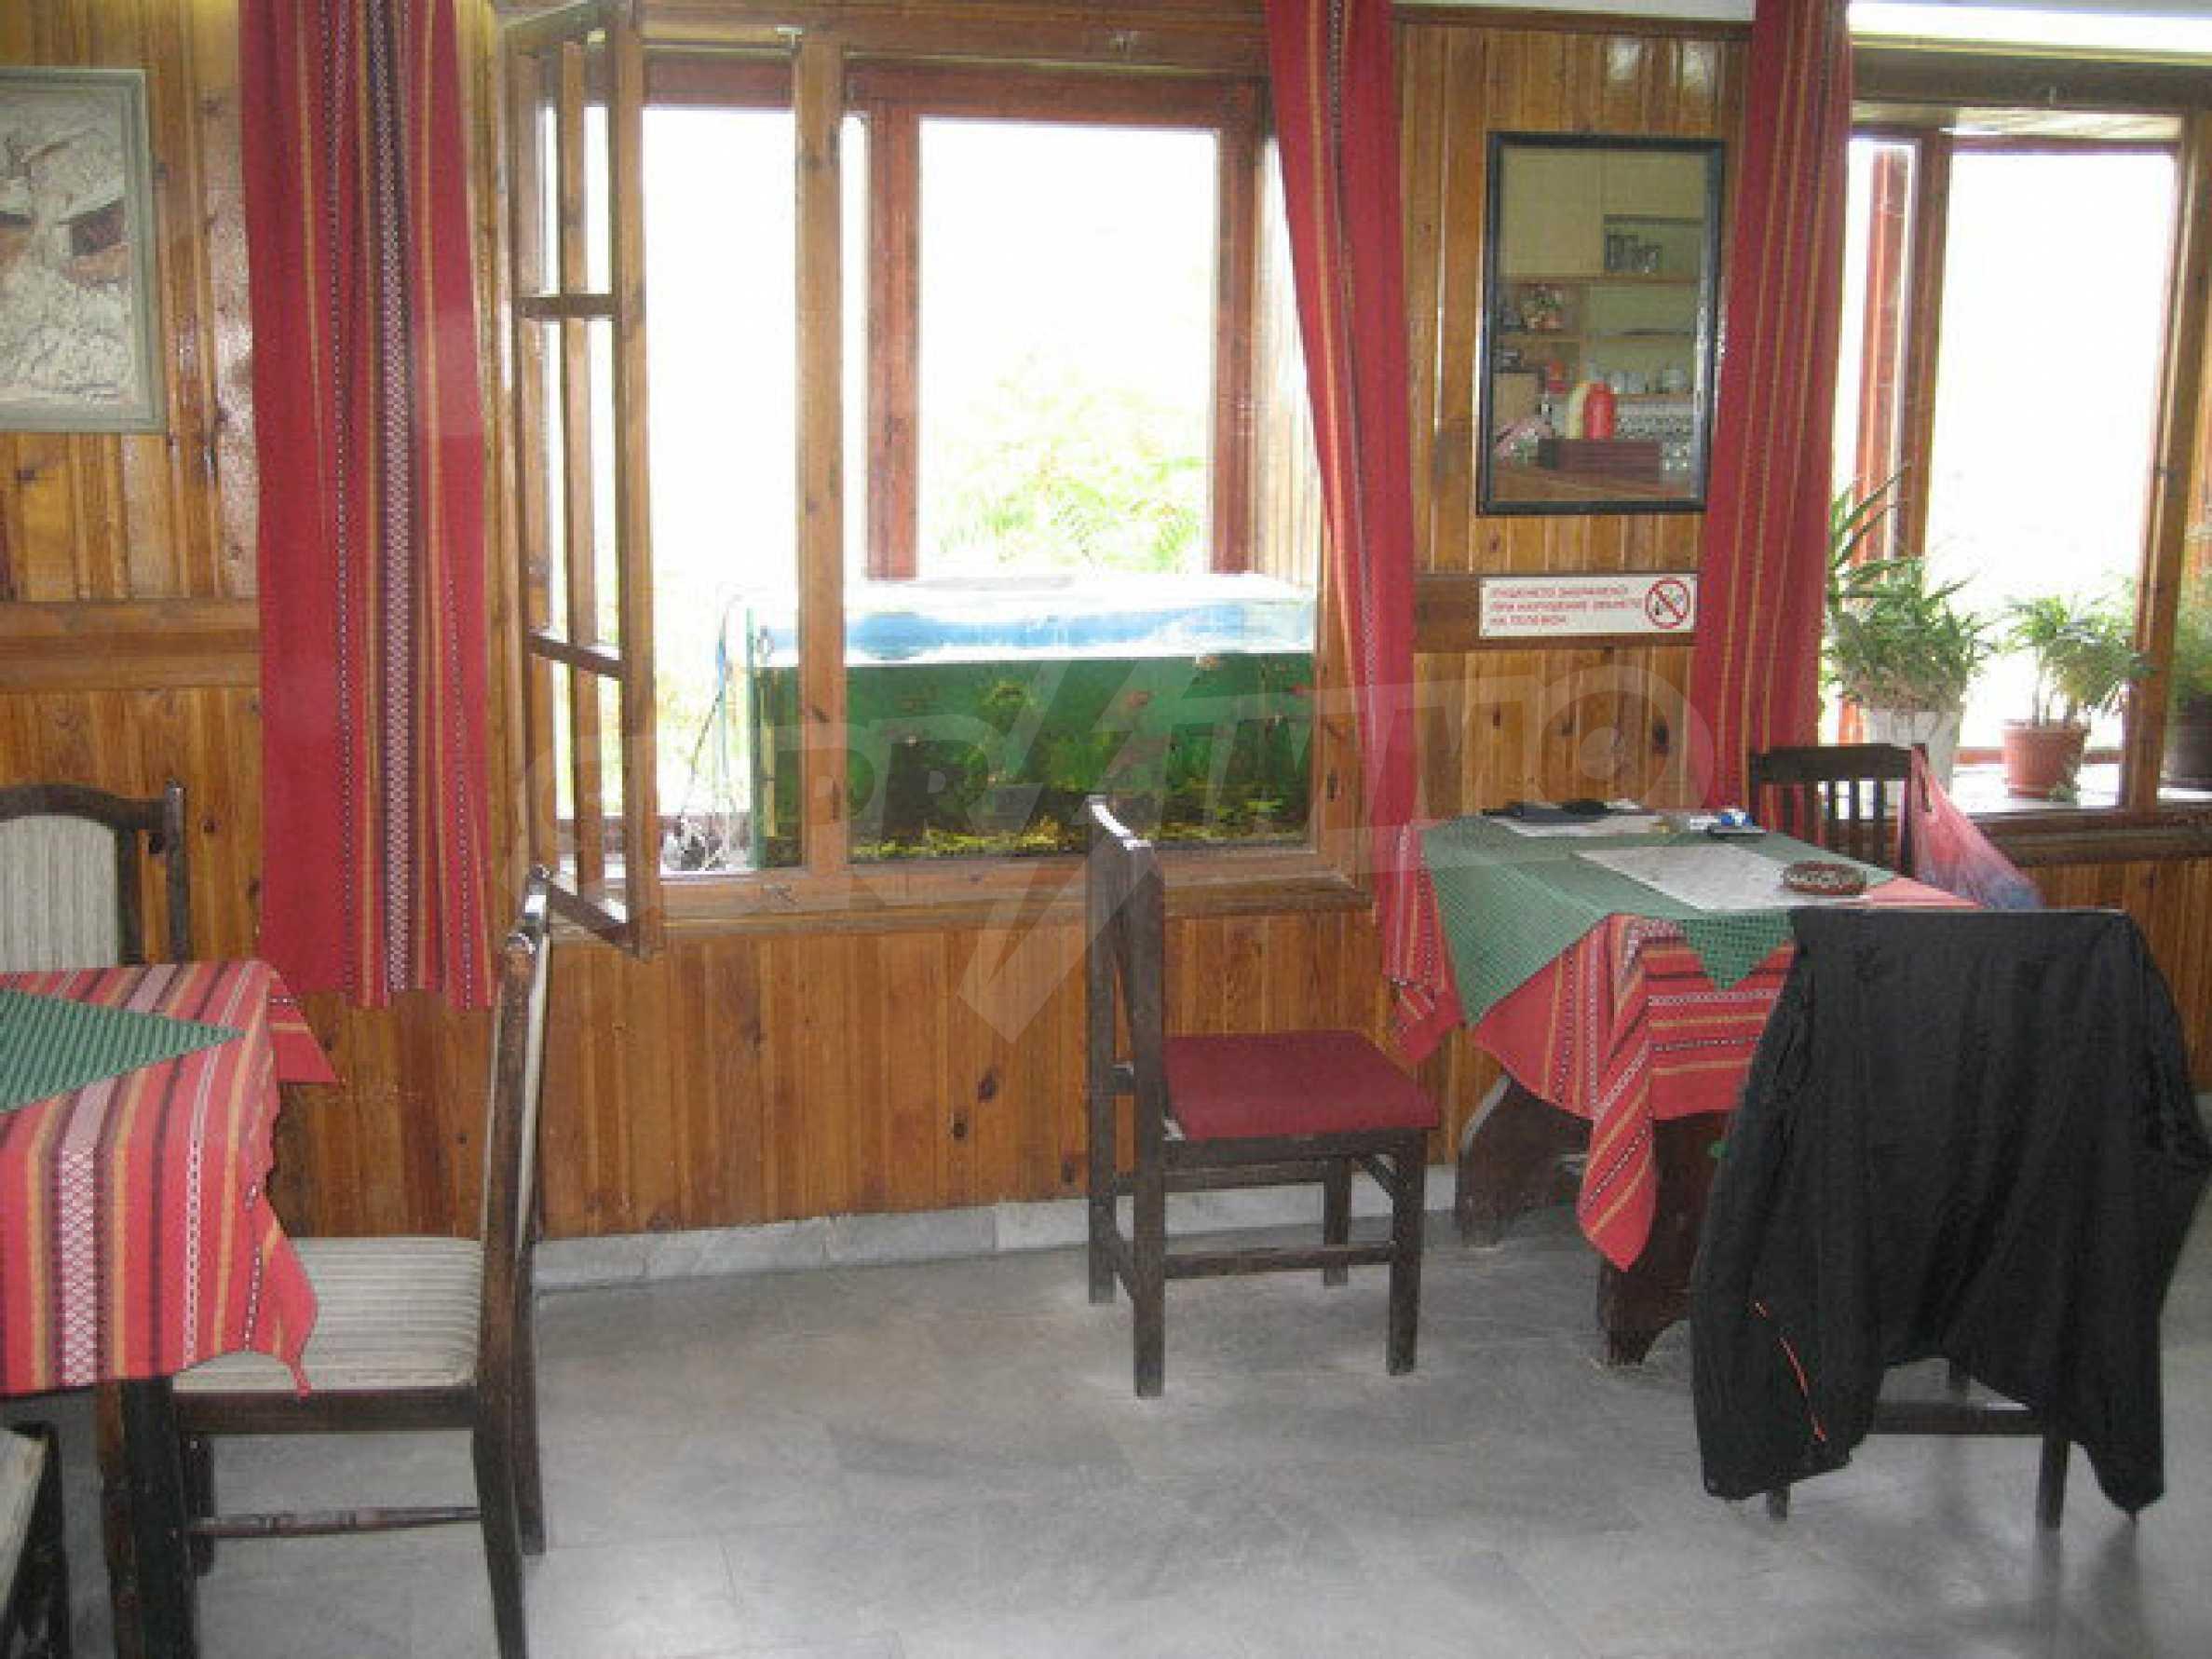 Funktionierendes Gasthaus / Taverne Meter vom Zaren-Assen-I-Platz in der alten Hauptstadt entfernt 1